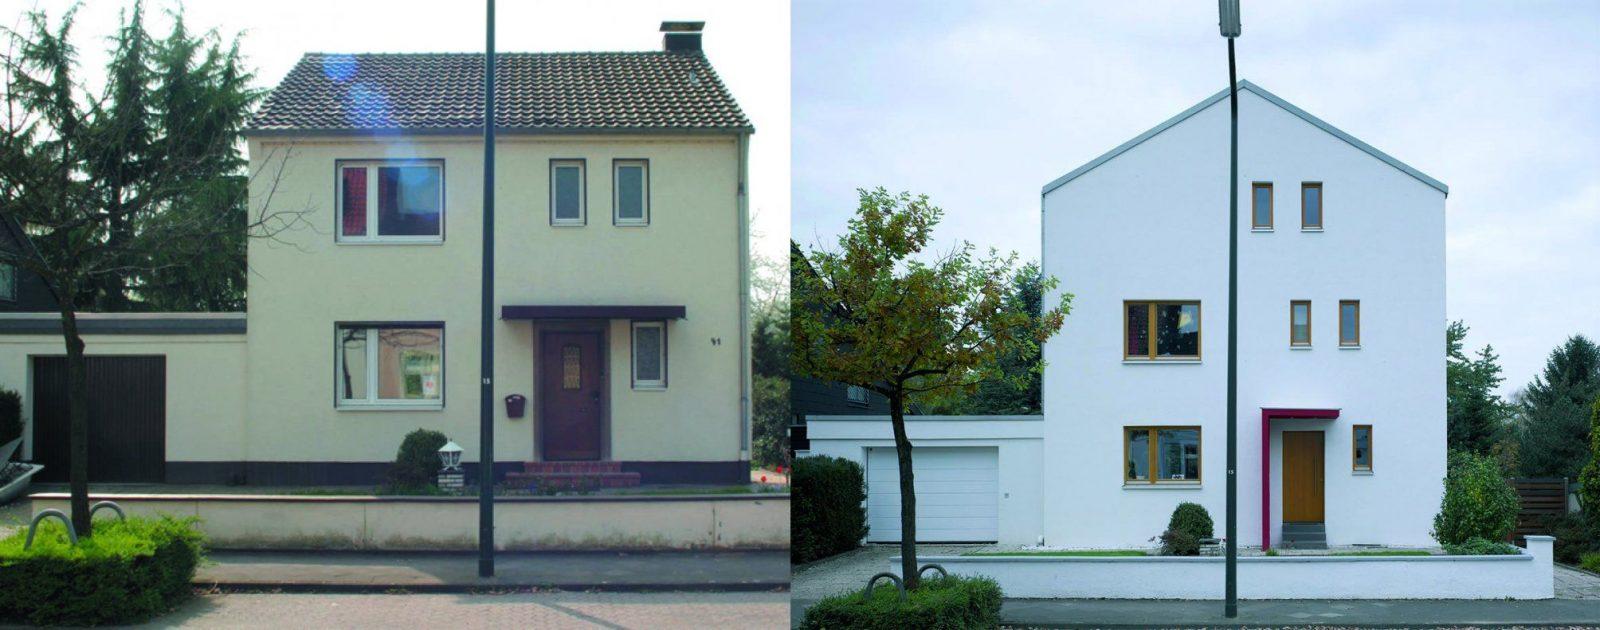 Umbau Altes Haus Haus Umbauen Ideen Fua Front Ta R Altes Haus von Altes Haus Sanieren Vorher Nachher Bild